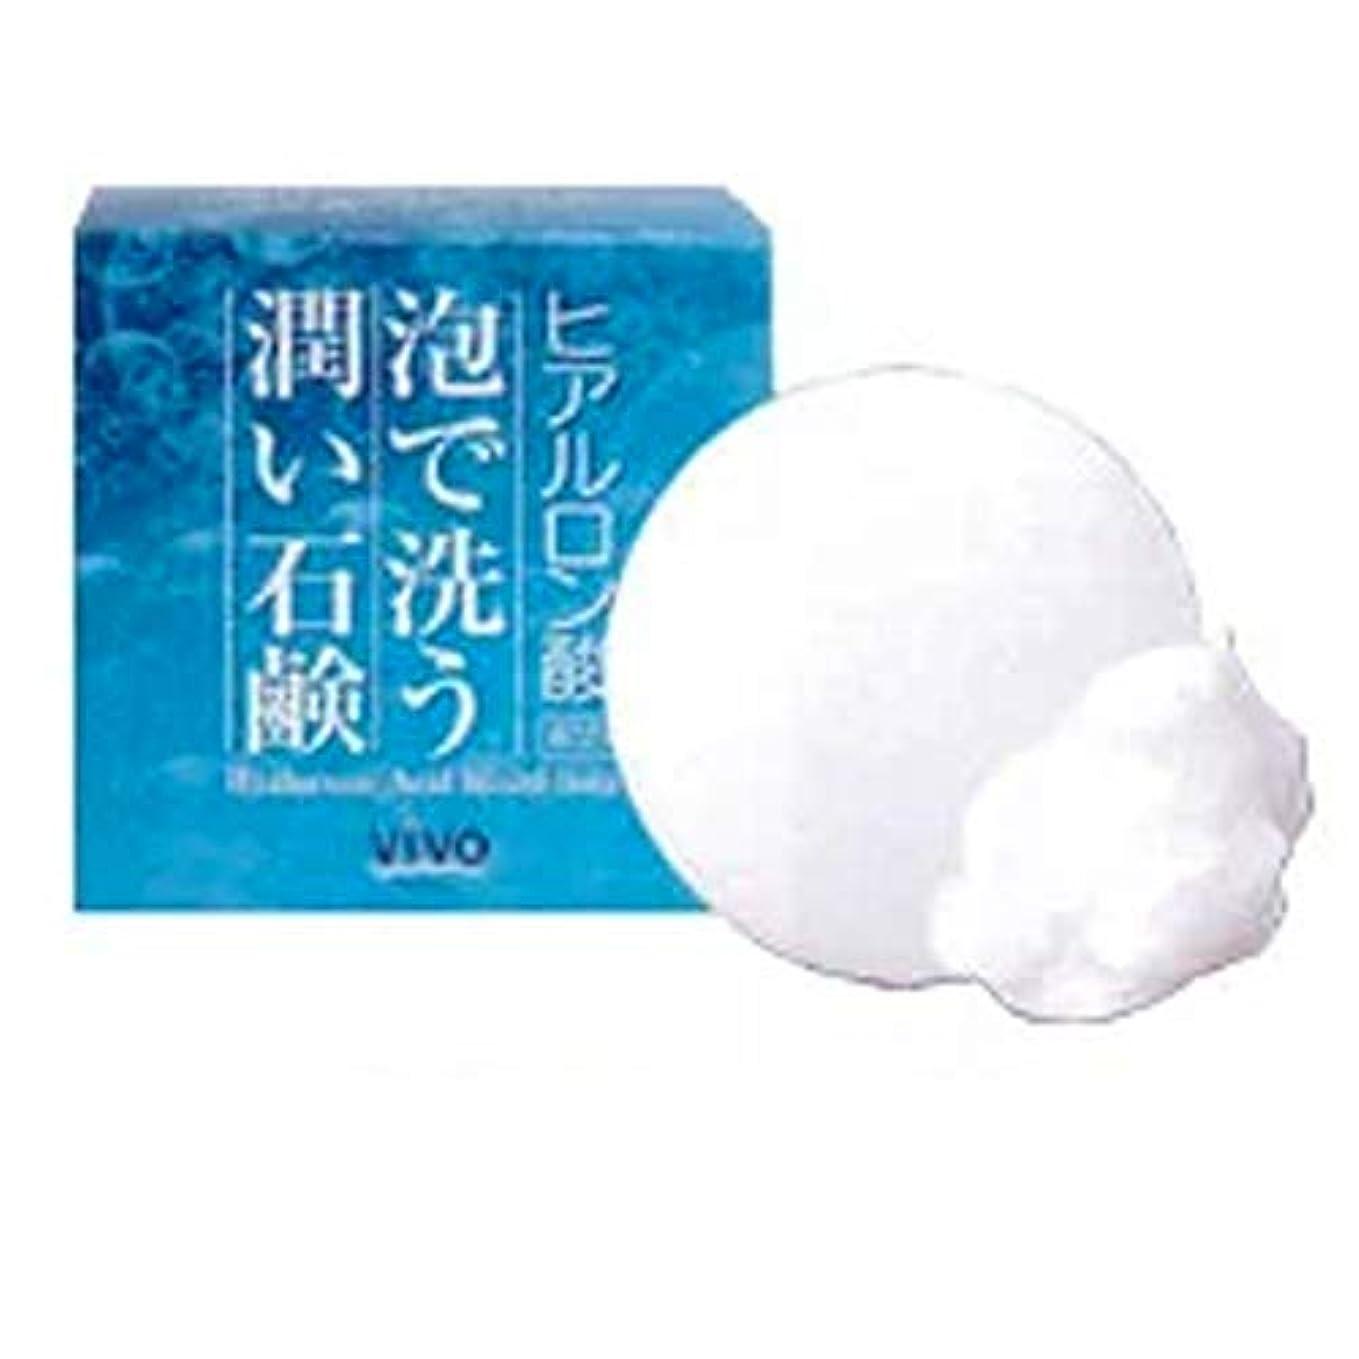 ばかげている垂直データベースBella Vivo ヒアルロン酸洗顔石鹸 3個セット